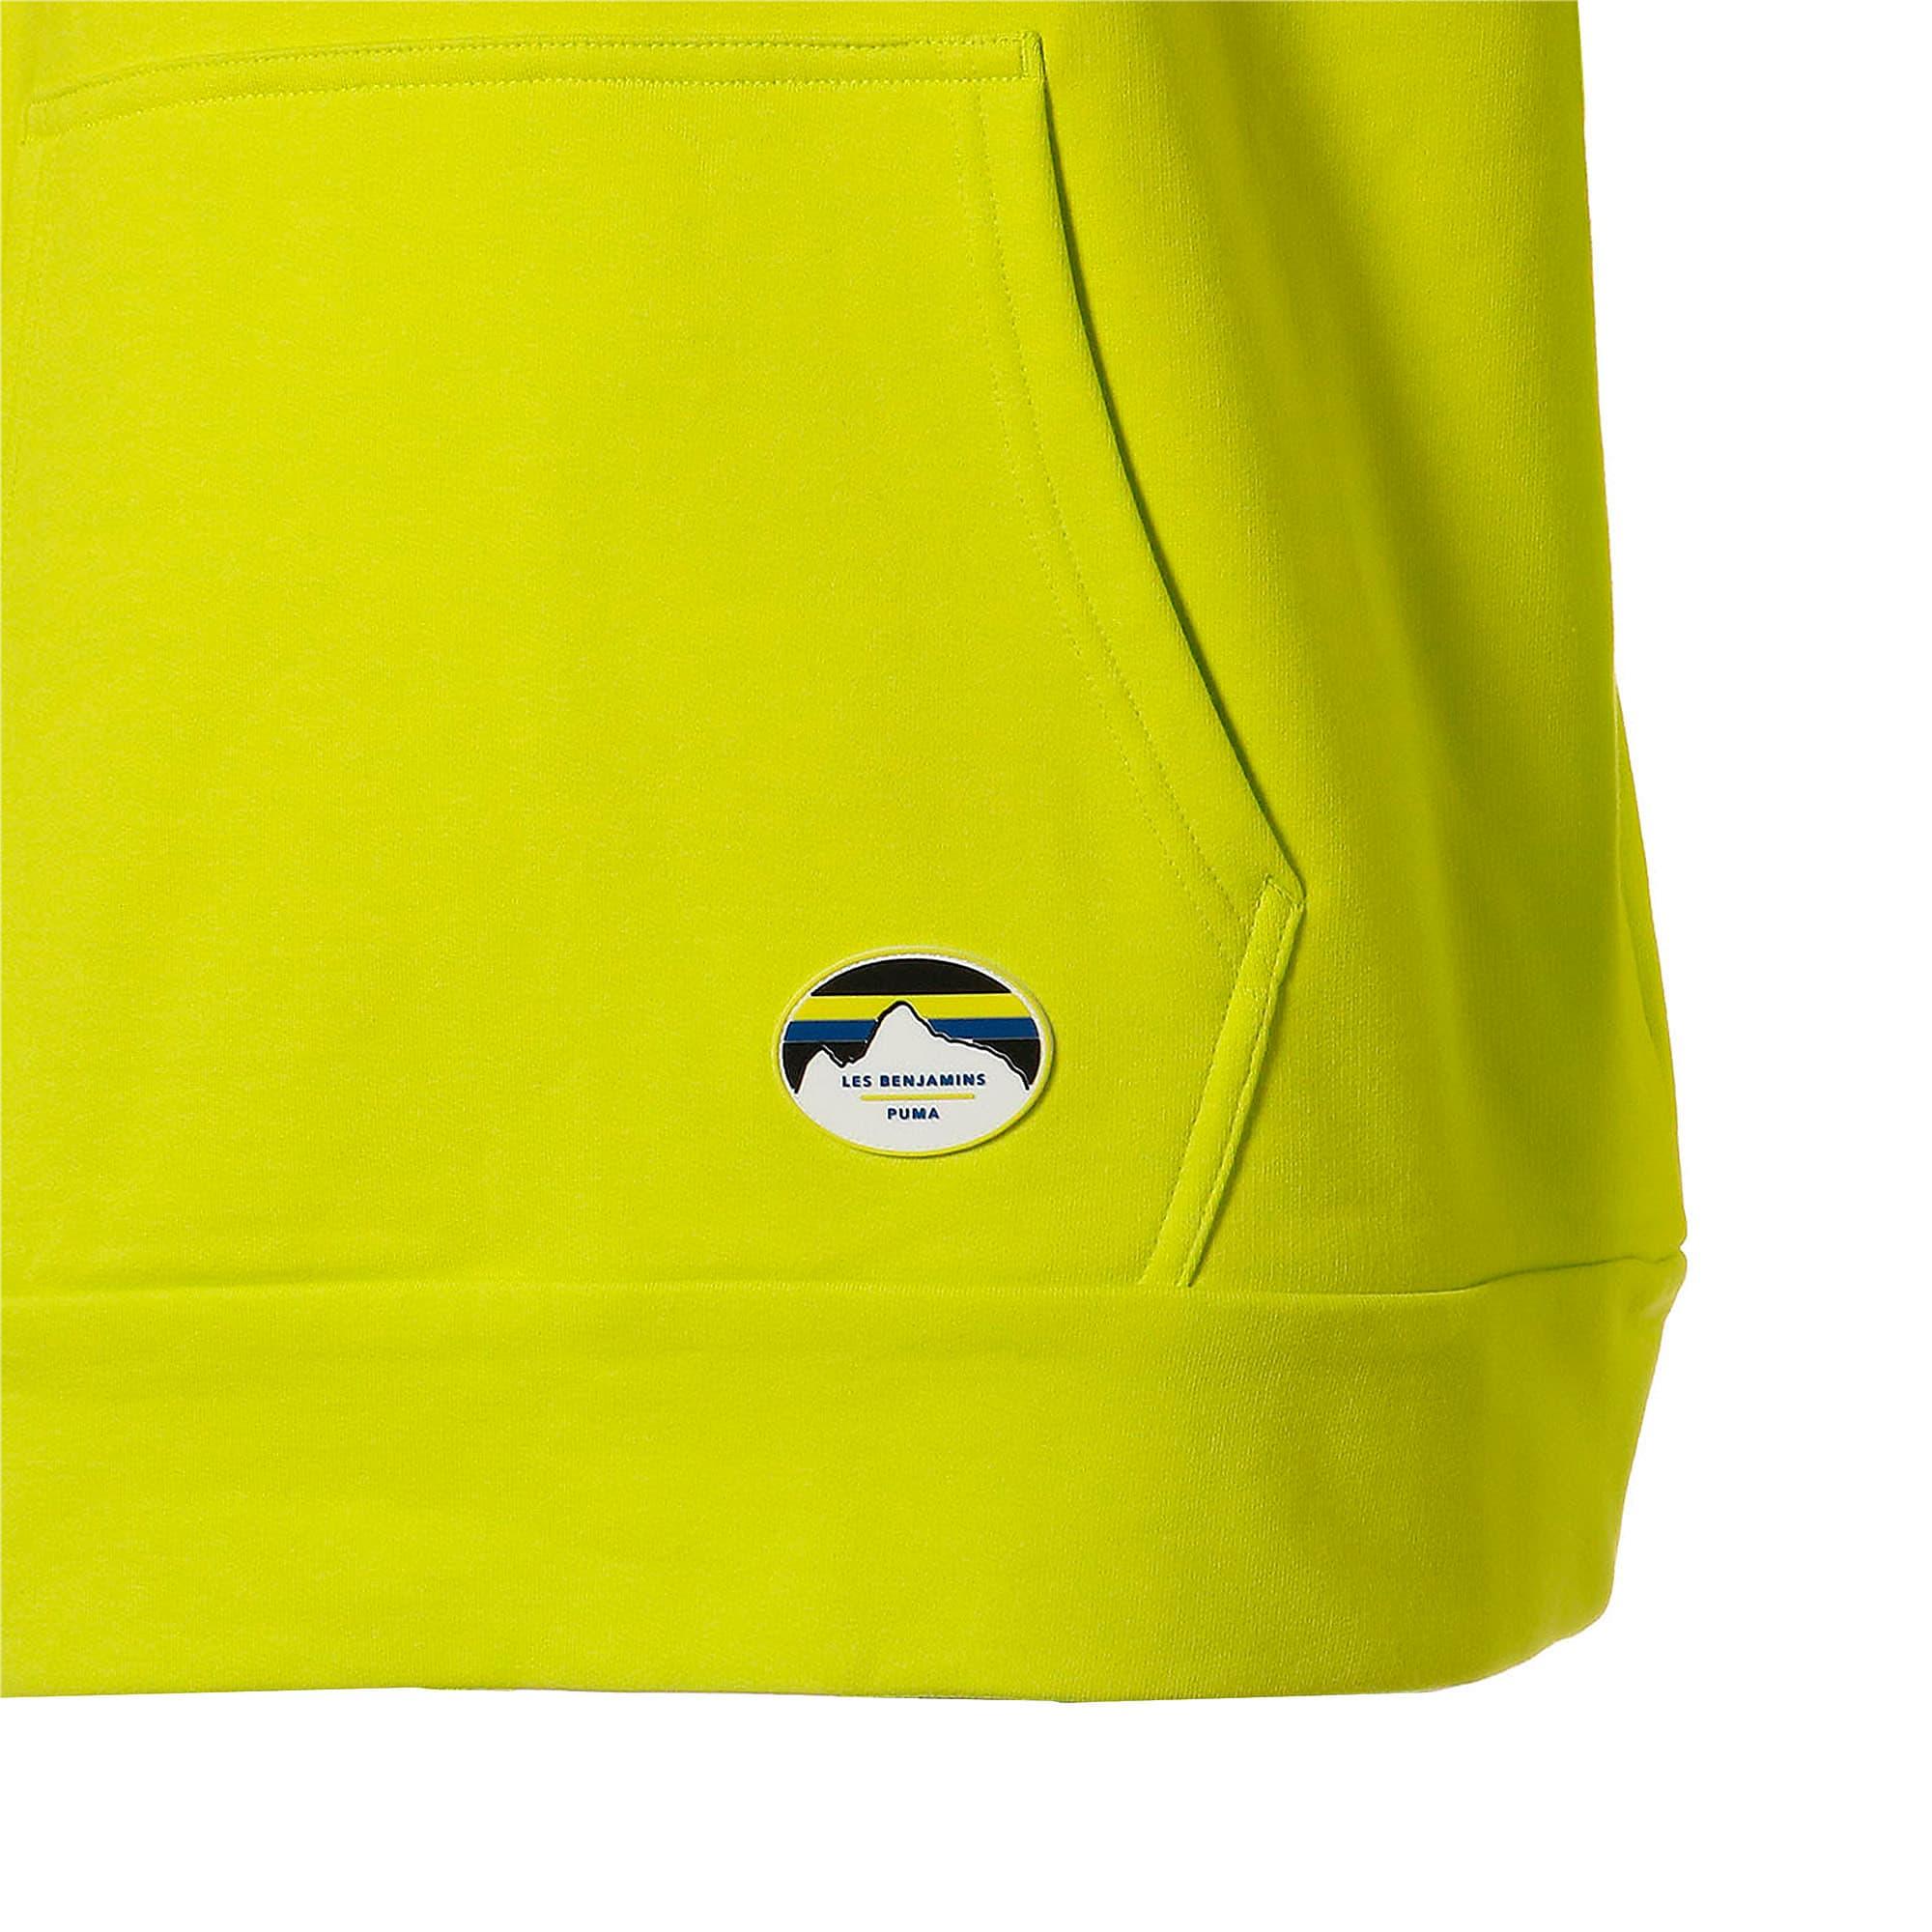 Thumbnail 9 of PUMA x LES BENJAMINS フーディー, Nrgy Yellow, medium-JPN